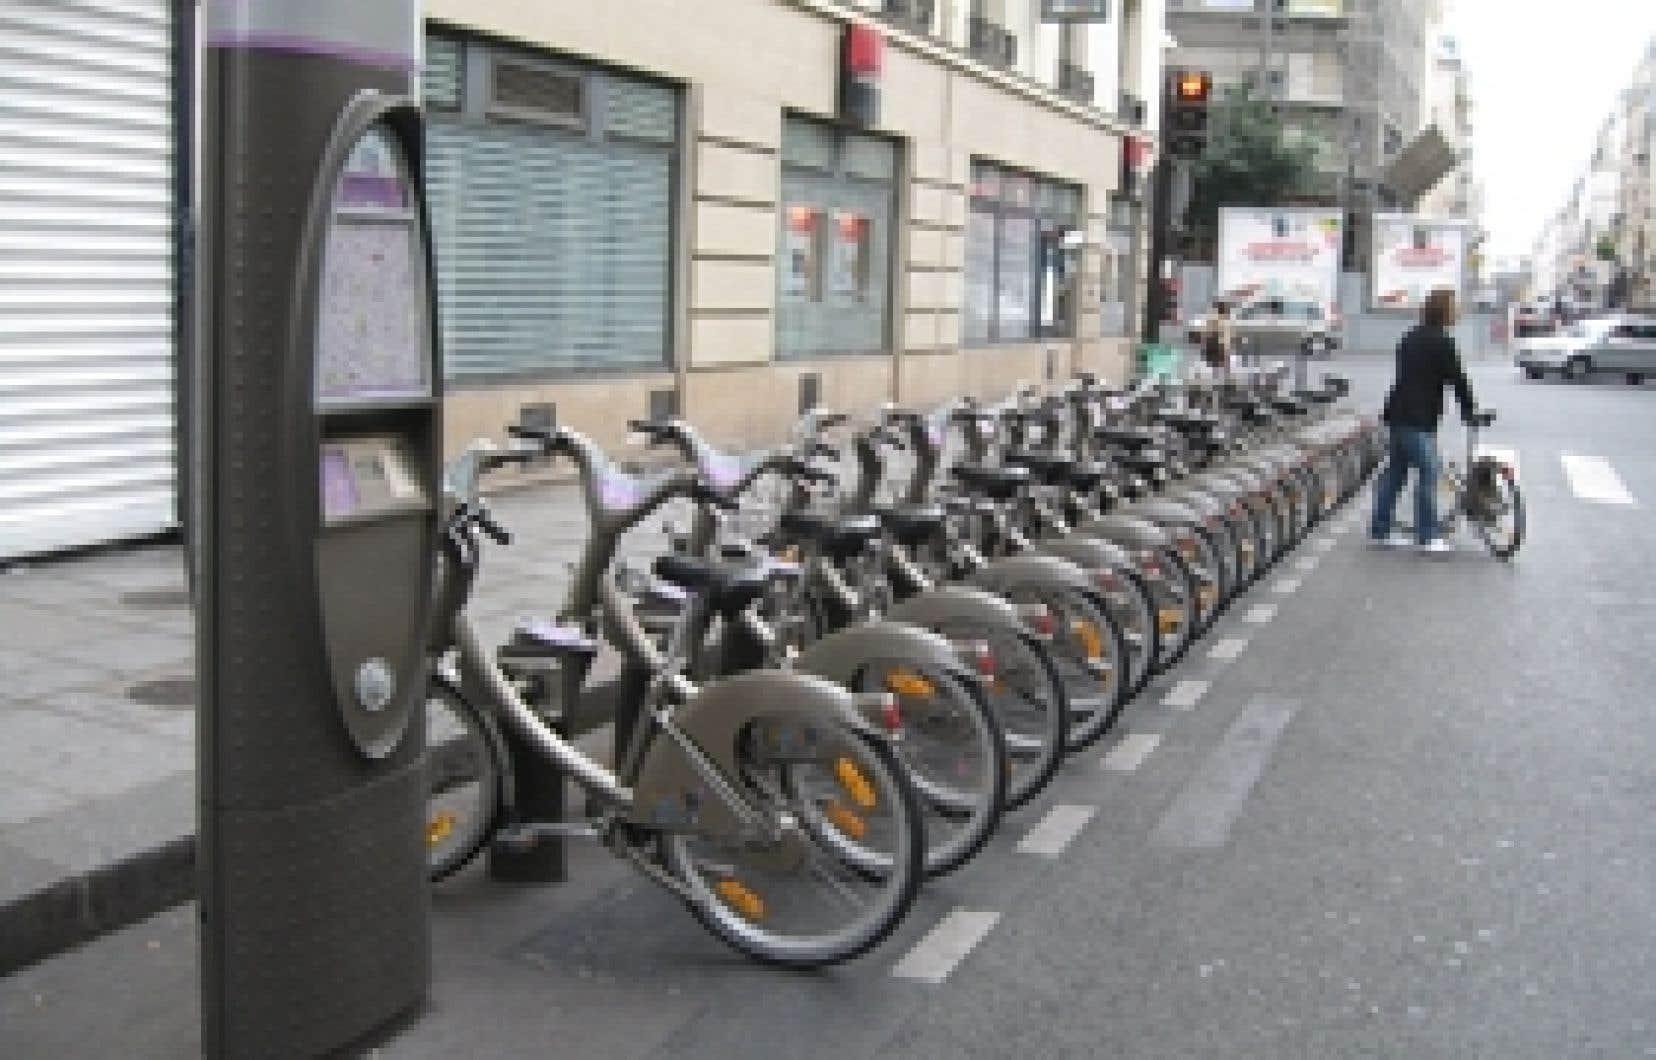 Sur les 16 000 vélos en service depuis le 11 juillet 2007, 3000 ont été sérieusement endommagés et 3000 ont disparu. Aux différentes bornes parisiennes, il devient important de vérifier que le verrouillage de la selle n'est ni bloqué ni endomma